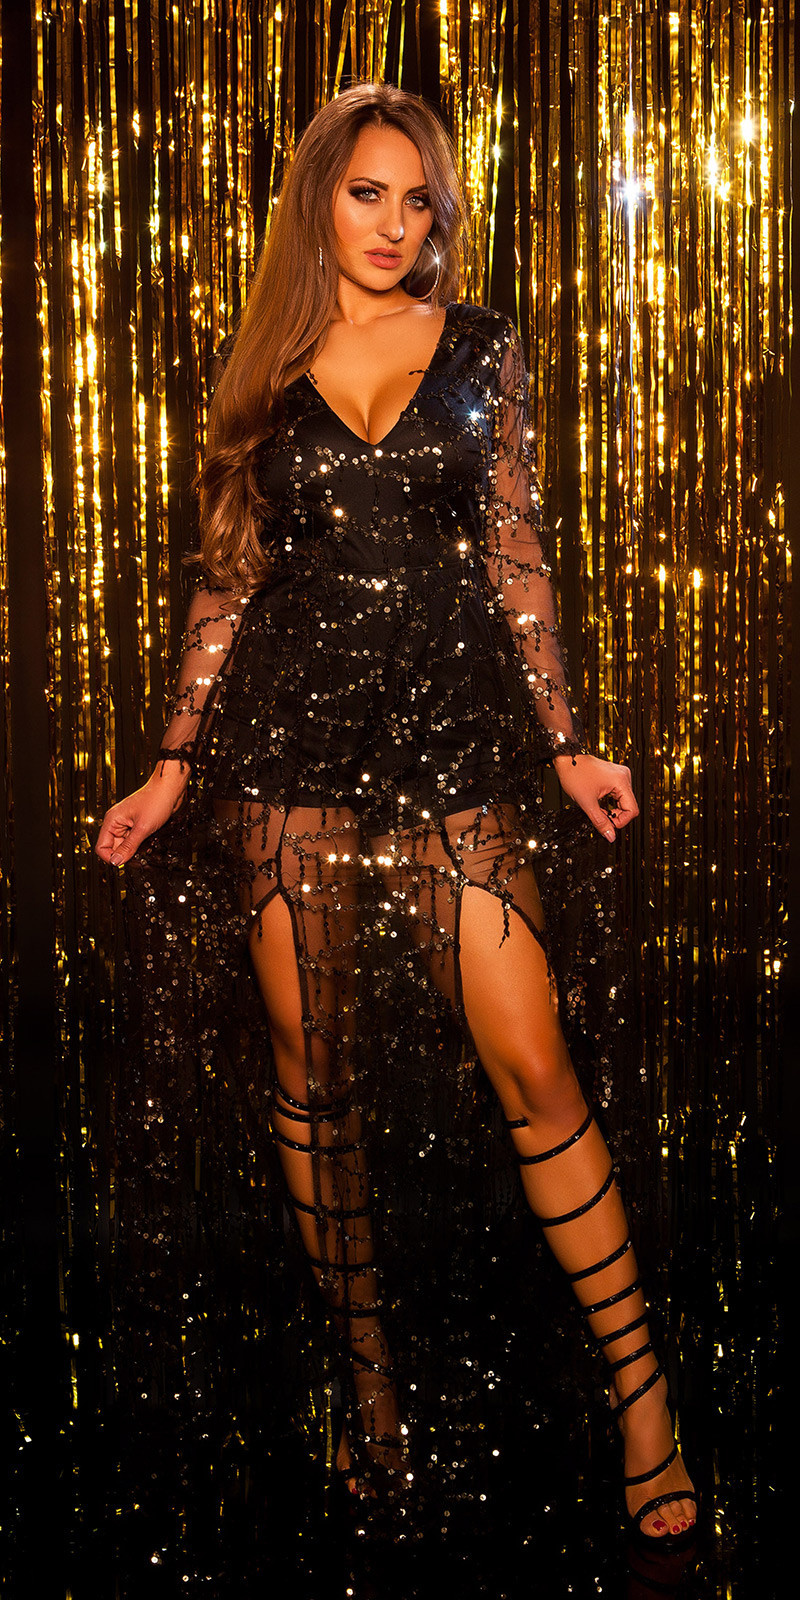 Sexy langmouw jumpsuit met pailletten franjes zwartgoud